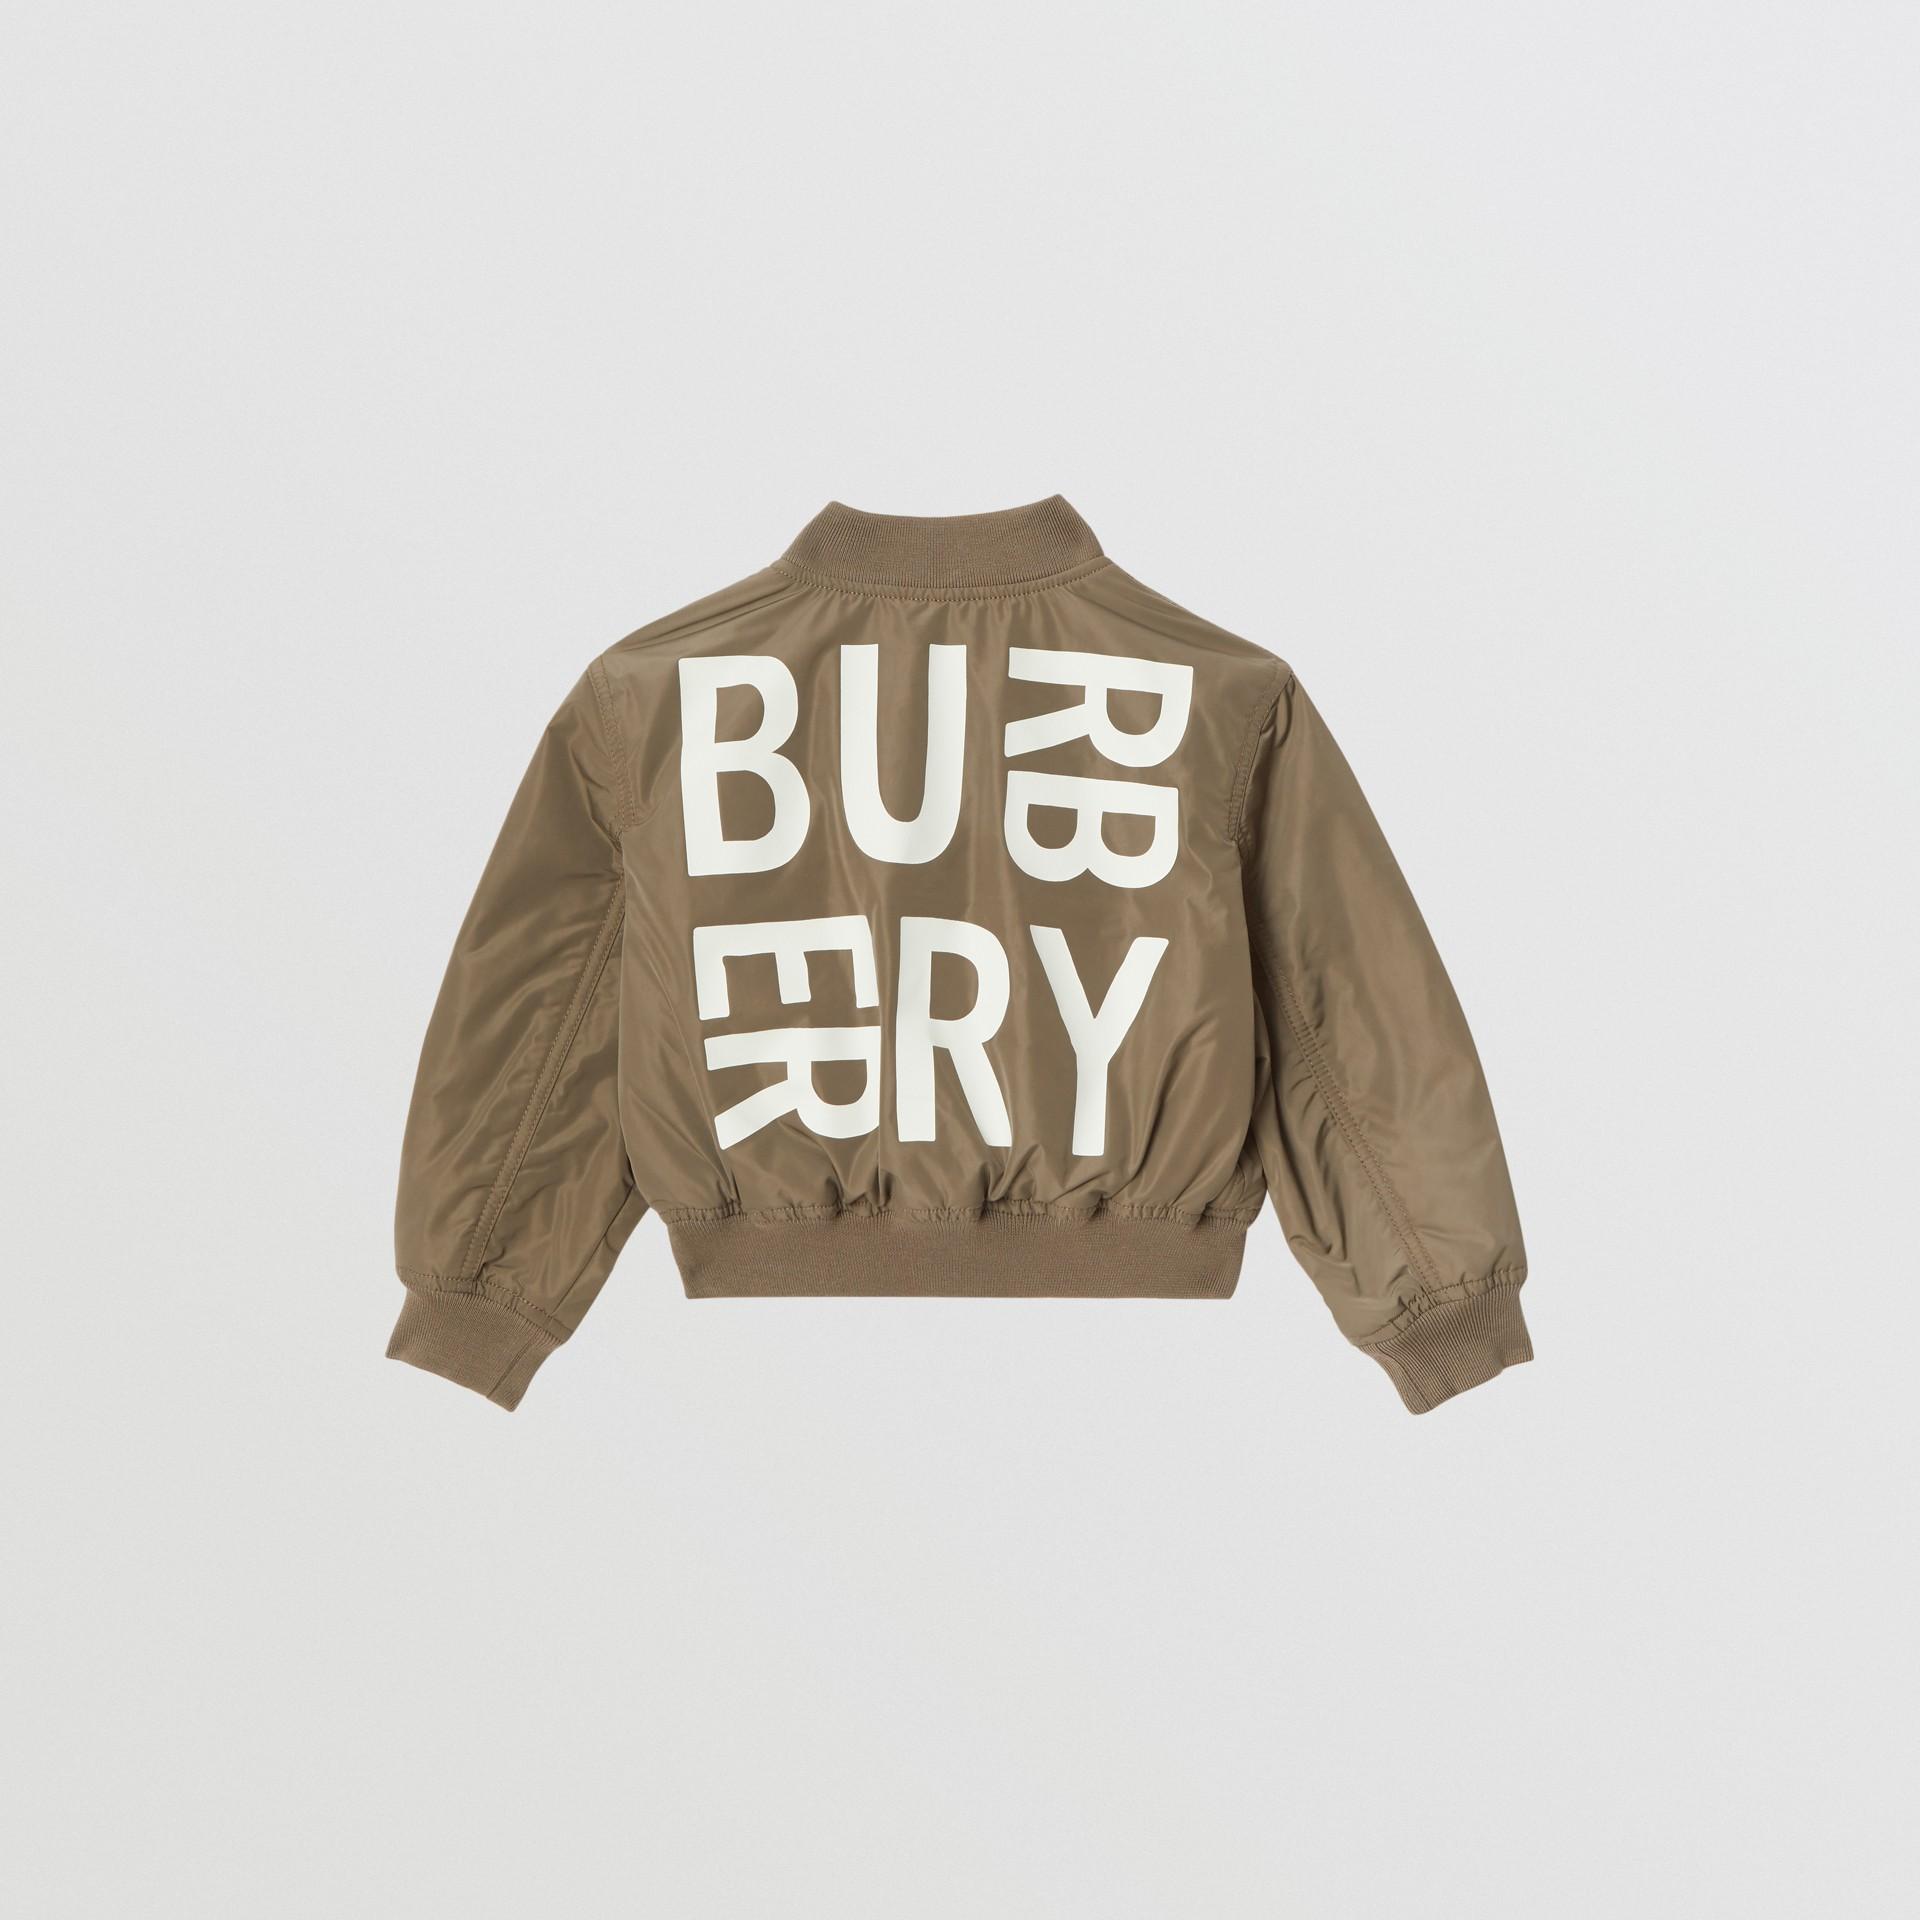 徽標印花形狀記憶塔夫塔綢飛行員外套 (卡其色) | Burberry - 圖庫照片 3